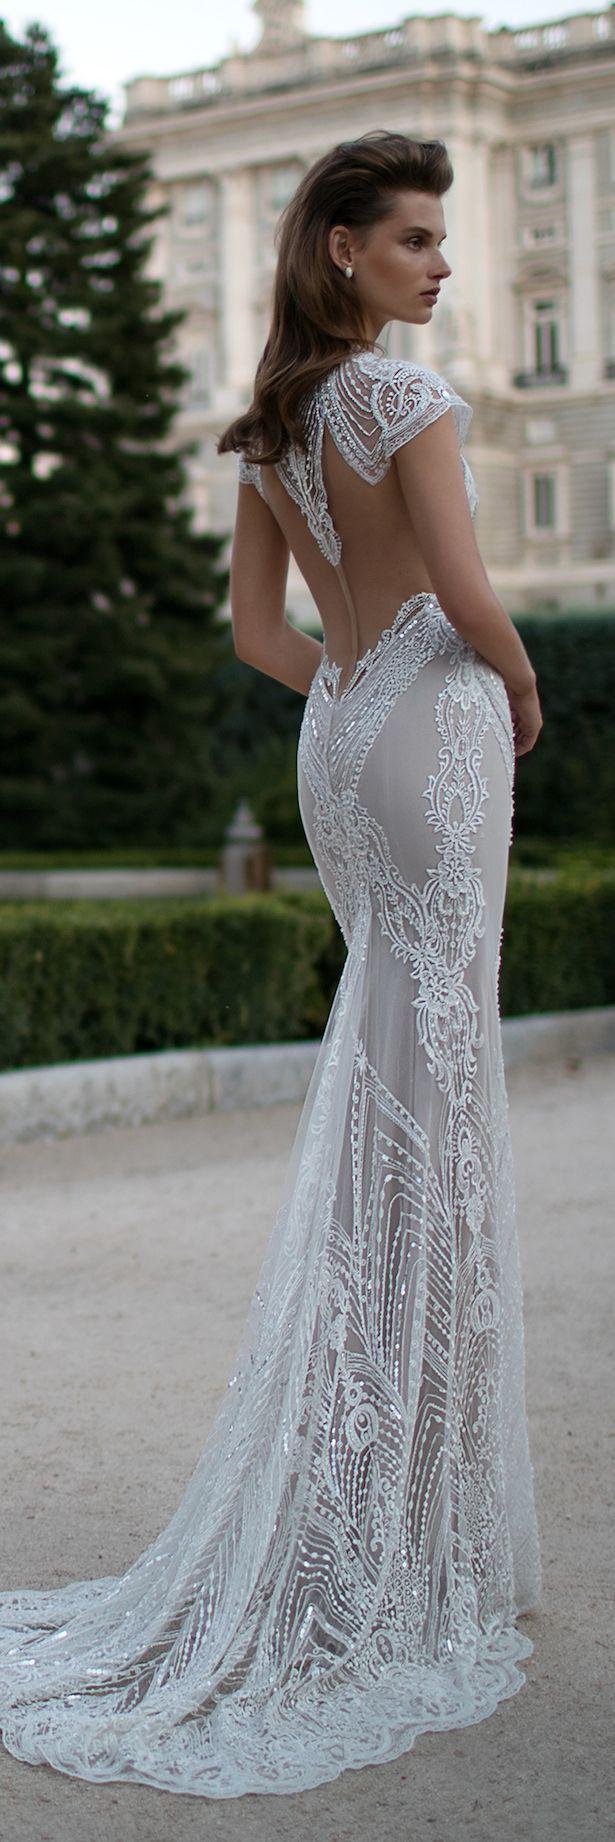 robe de mariée magnifique 123 et plus encore sur www.robe2mariage.eu